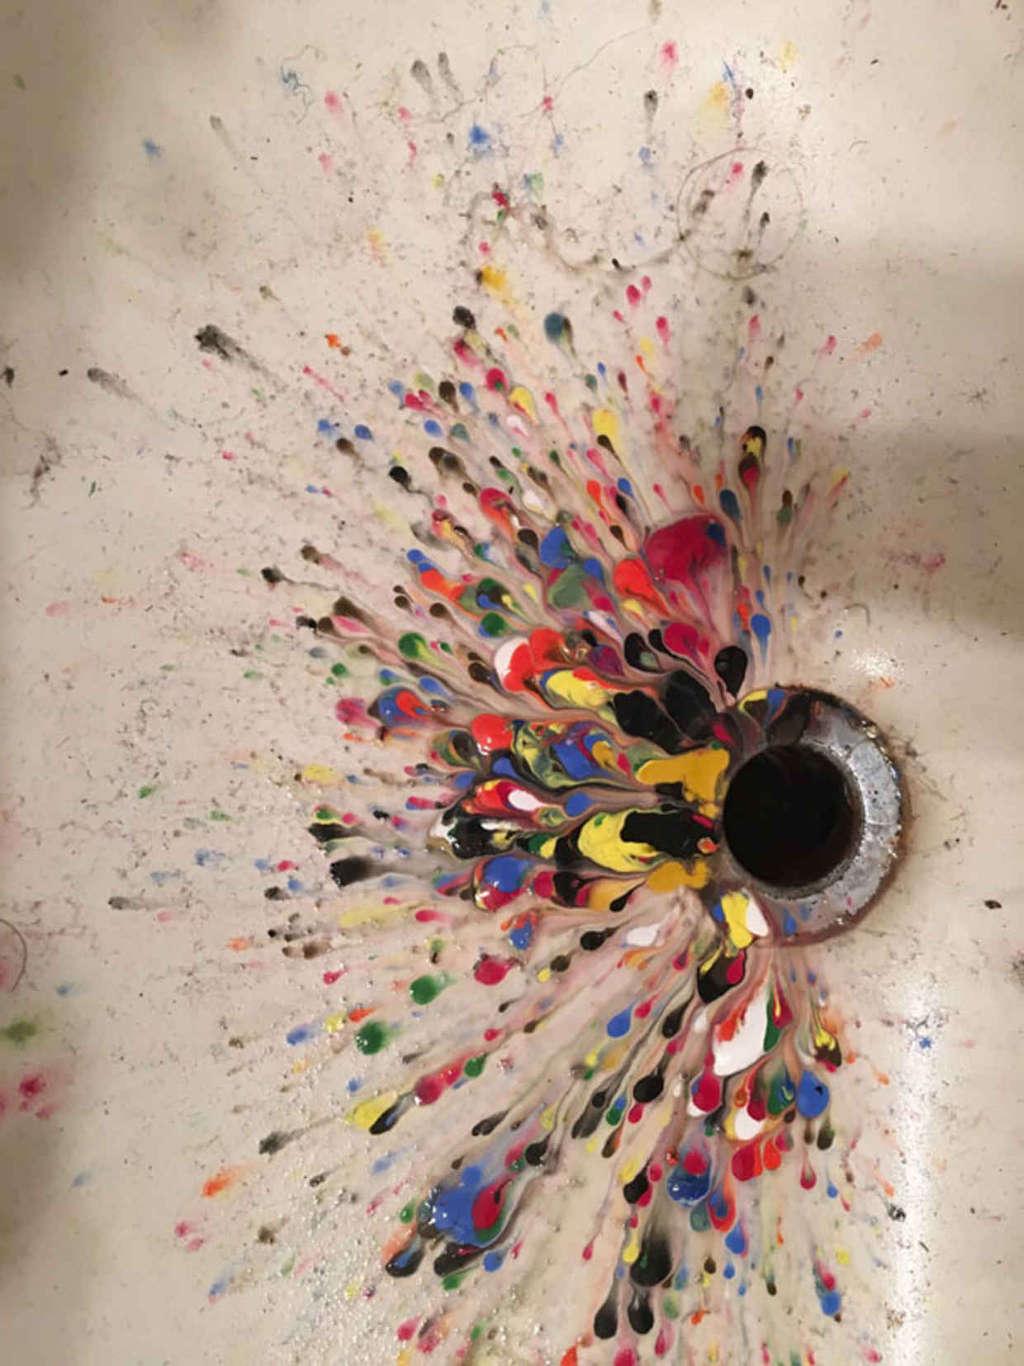 Những giọt màu nước vương vãi trên bồn rửa bất ngờ hoá thành cuộc dạo chơi của màu sắc.